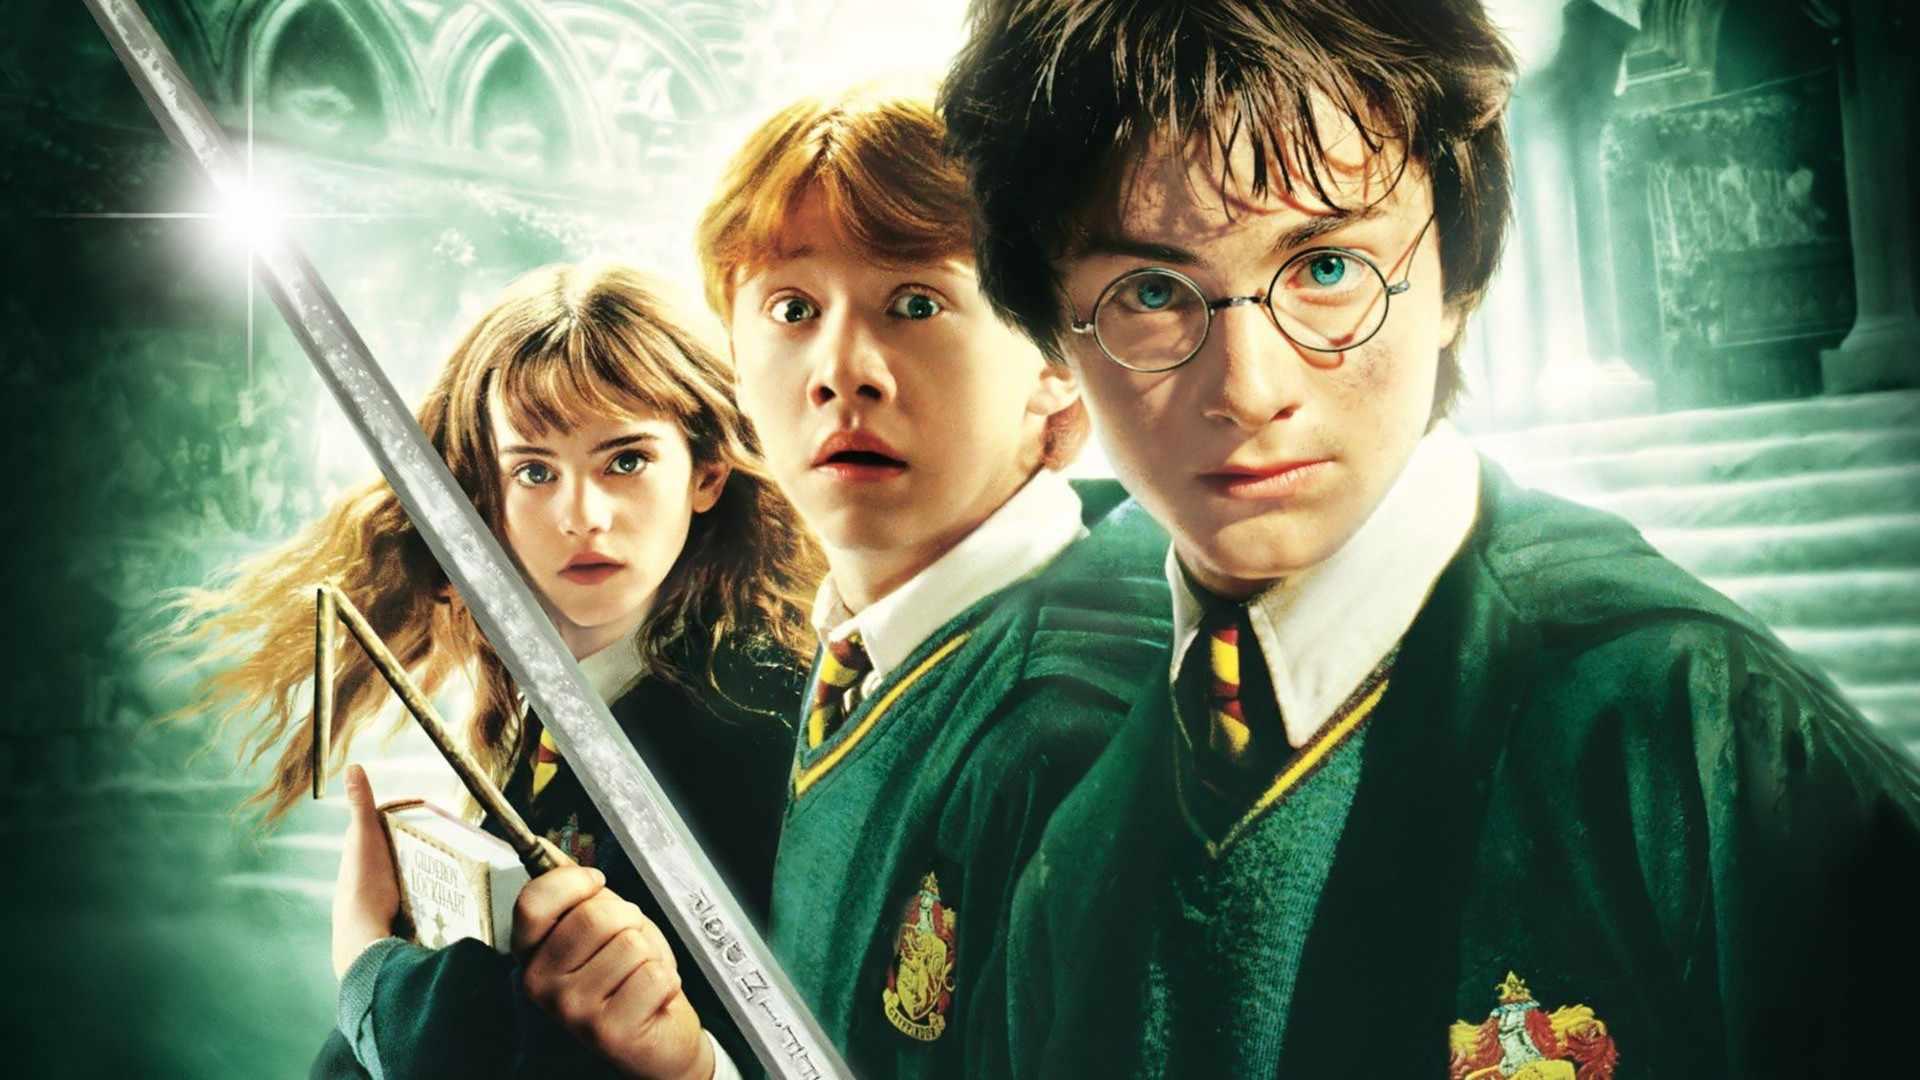 Maratone cinematografiche in quarantena: Harry Potter